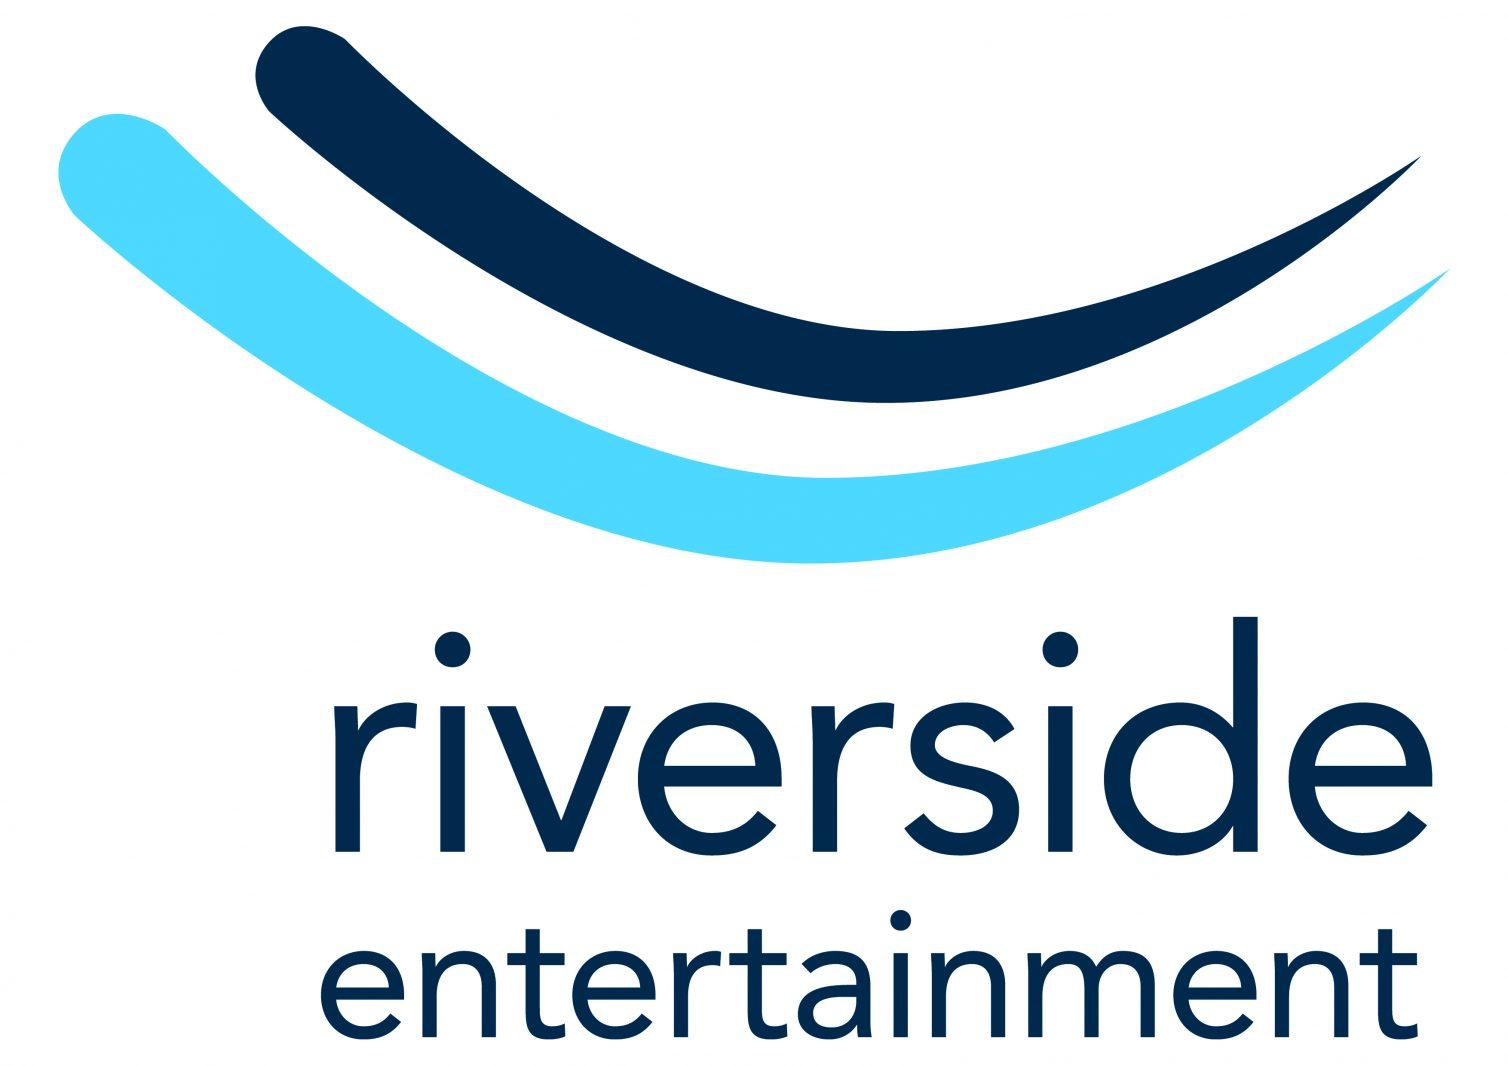 Link to https://riversidenorwich.co.uk/